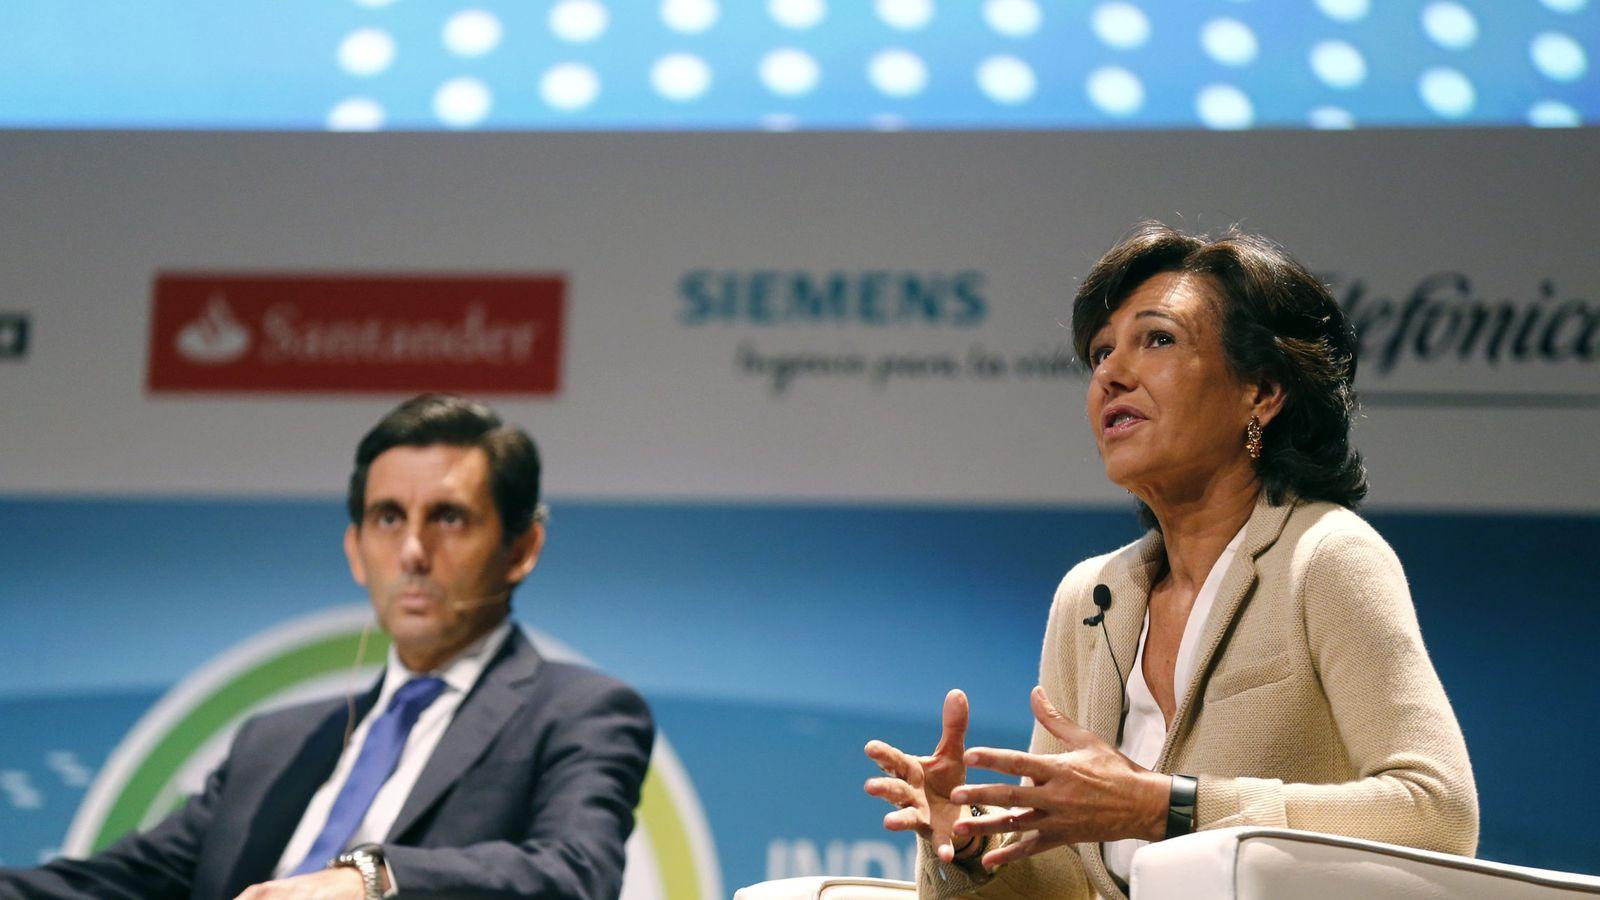 Foto: Foto de archivo del presidente de Telefónica, José María Álvarez-Pallete, junto con la presidenta de Banco Santander, Ana Botín. (EFE)